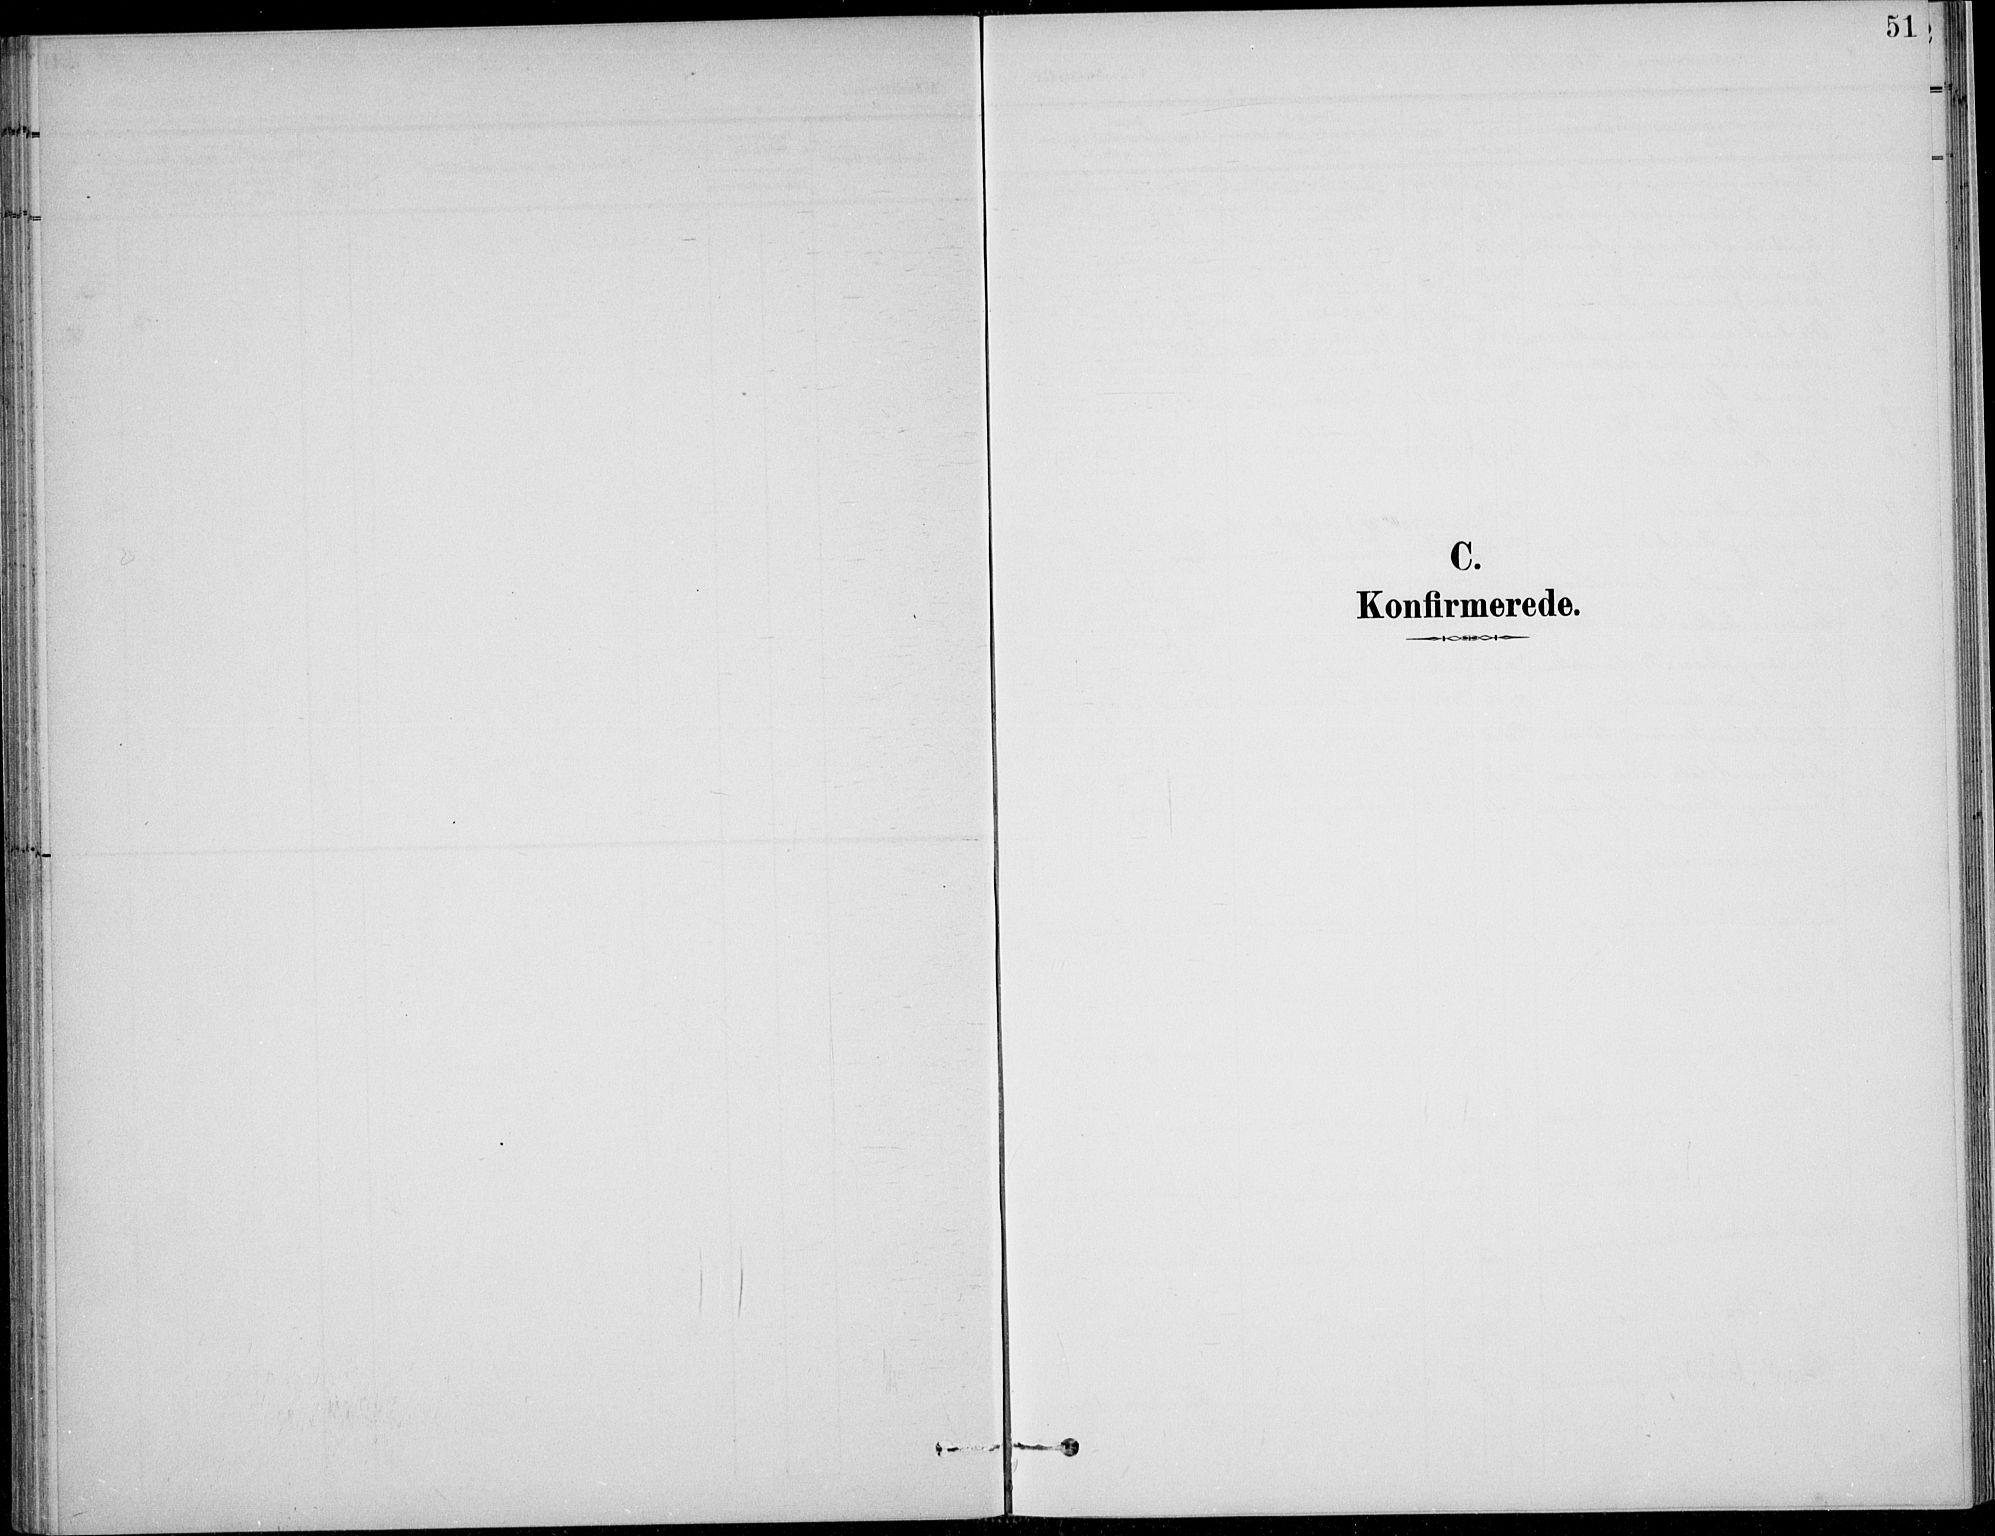 SAH, Nordre Land prestekontor, Klokkerbok nr. 14, 1891-1907, s. 51